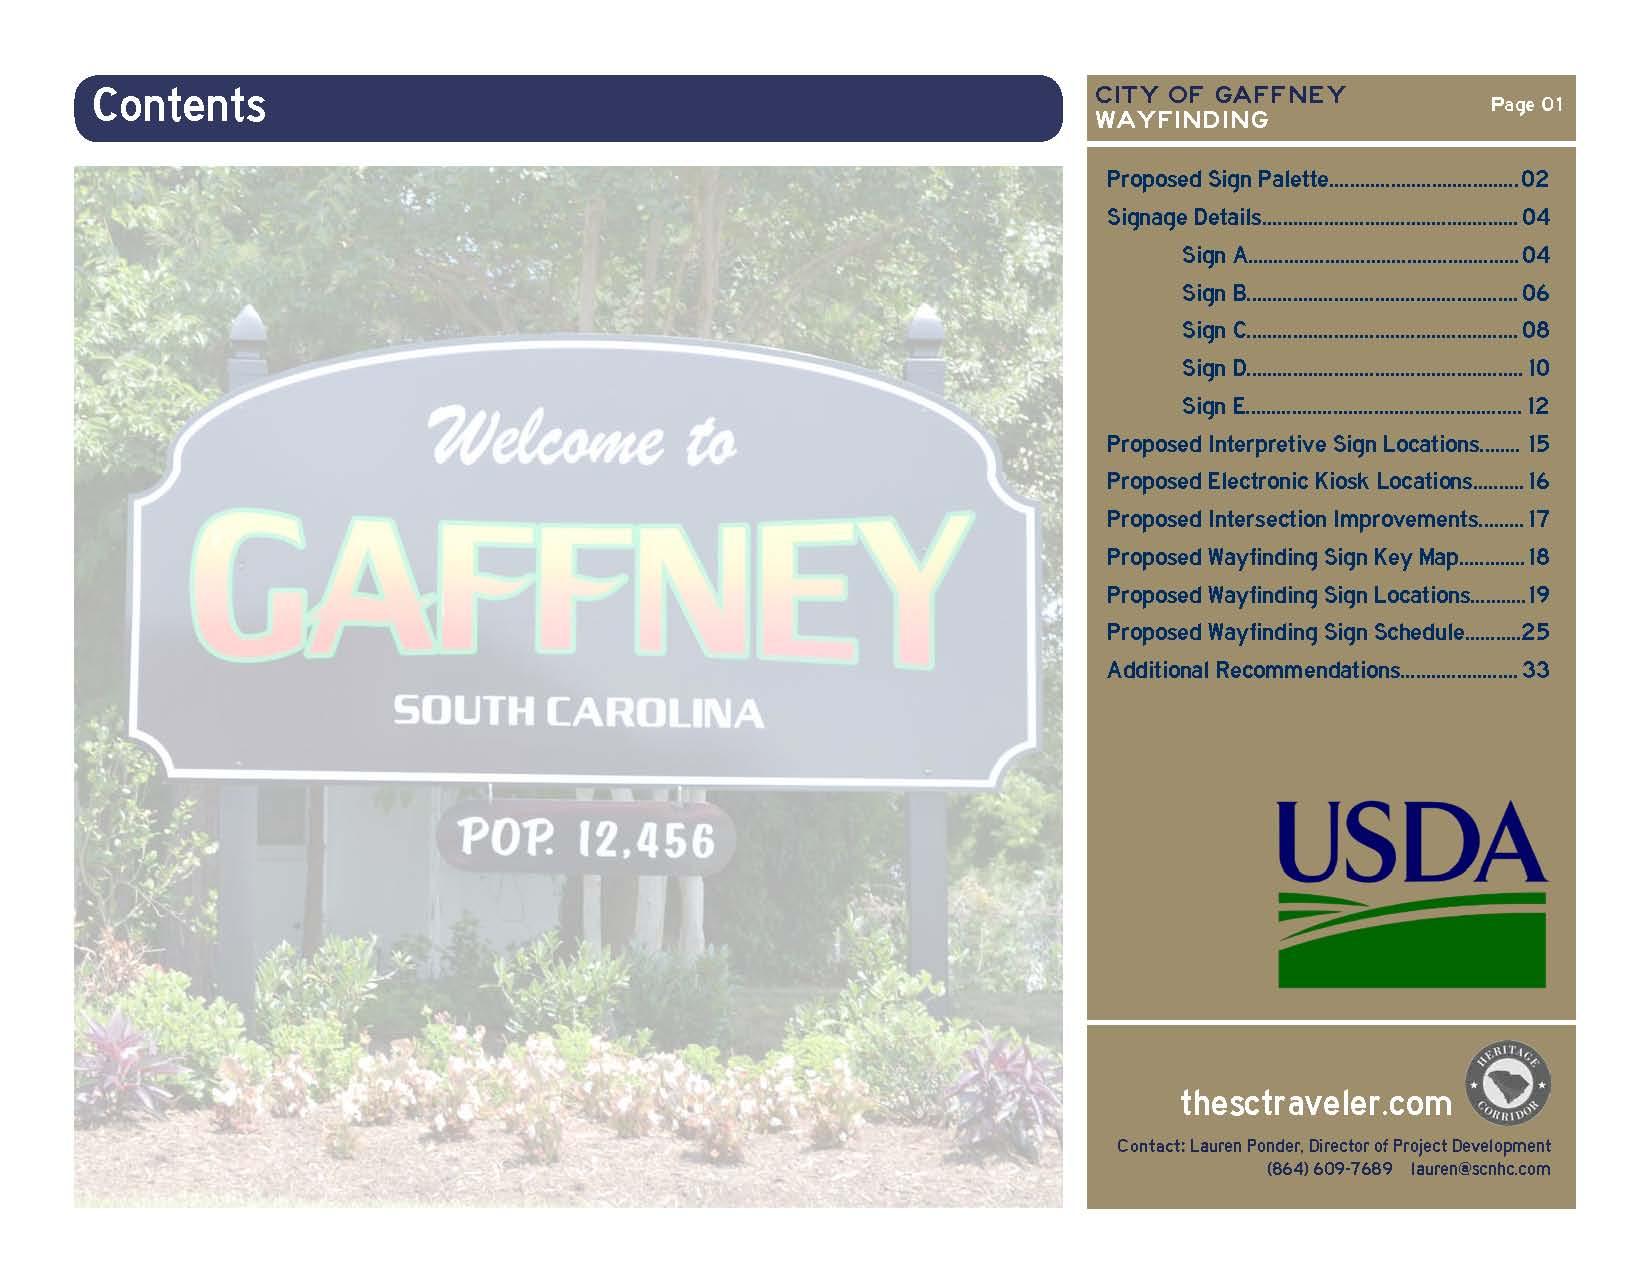 Gaffney-Wayfinding-ed-111614_Page_02.jpg